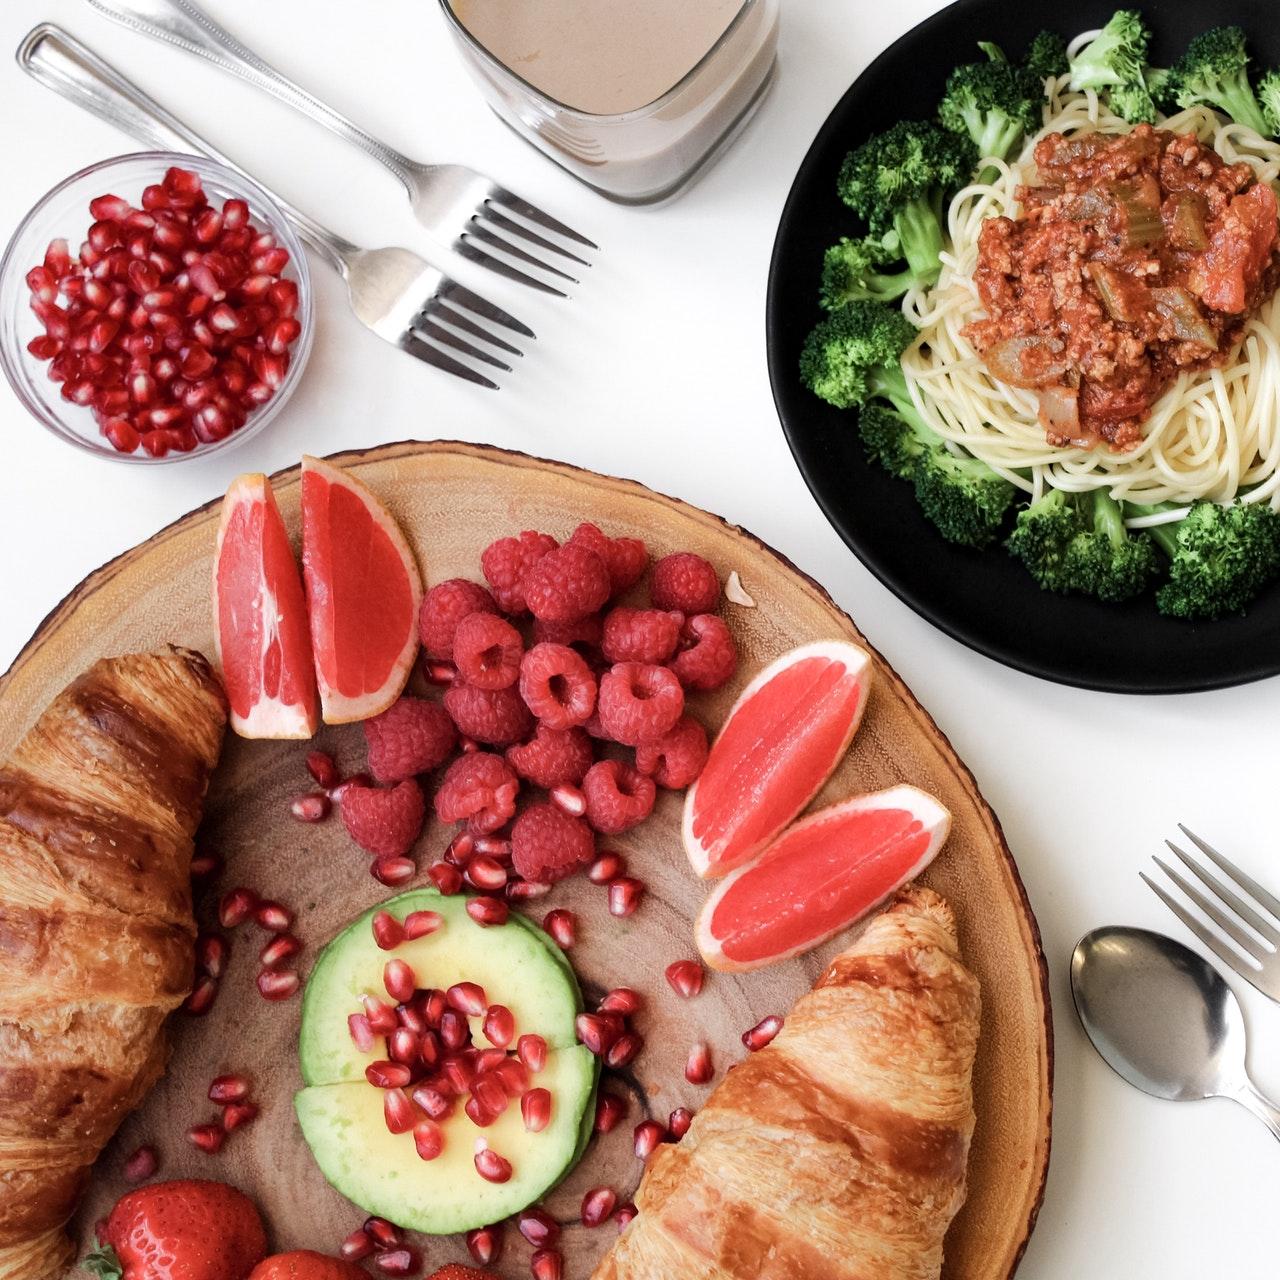 Сбалансированная диета - для беременных и для похудения, меню на месяц и на каждый день, видео